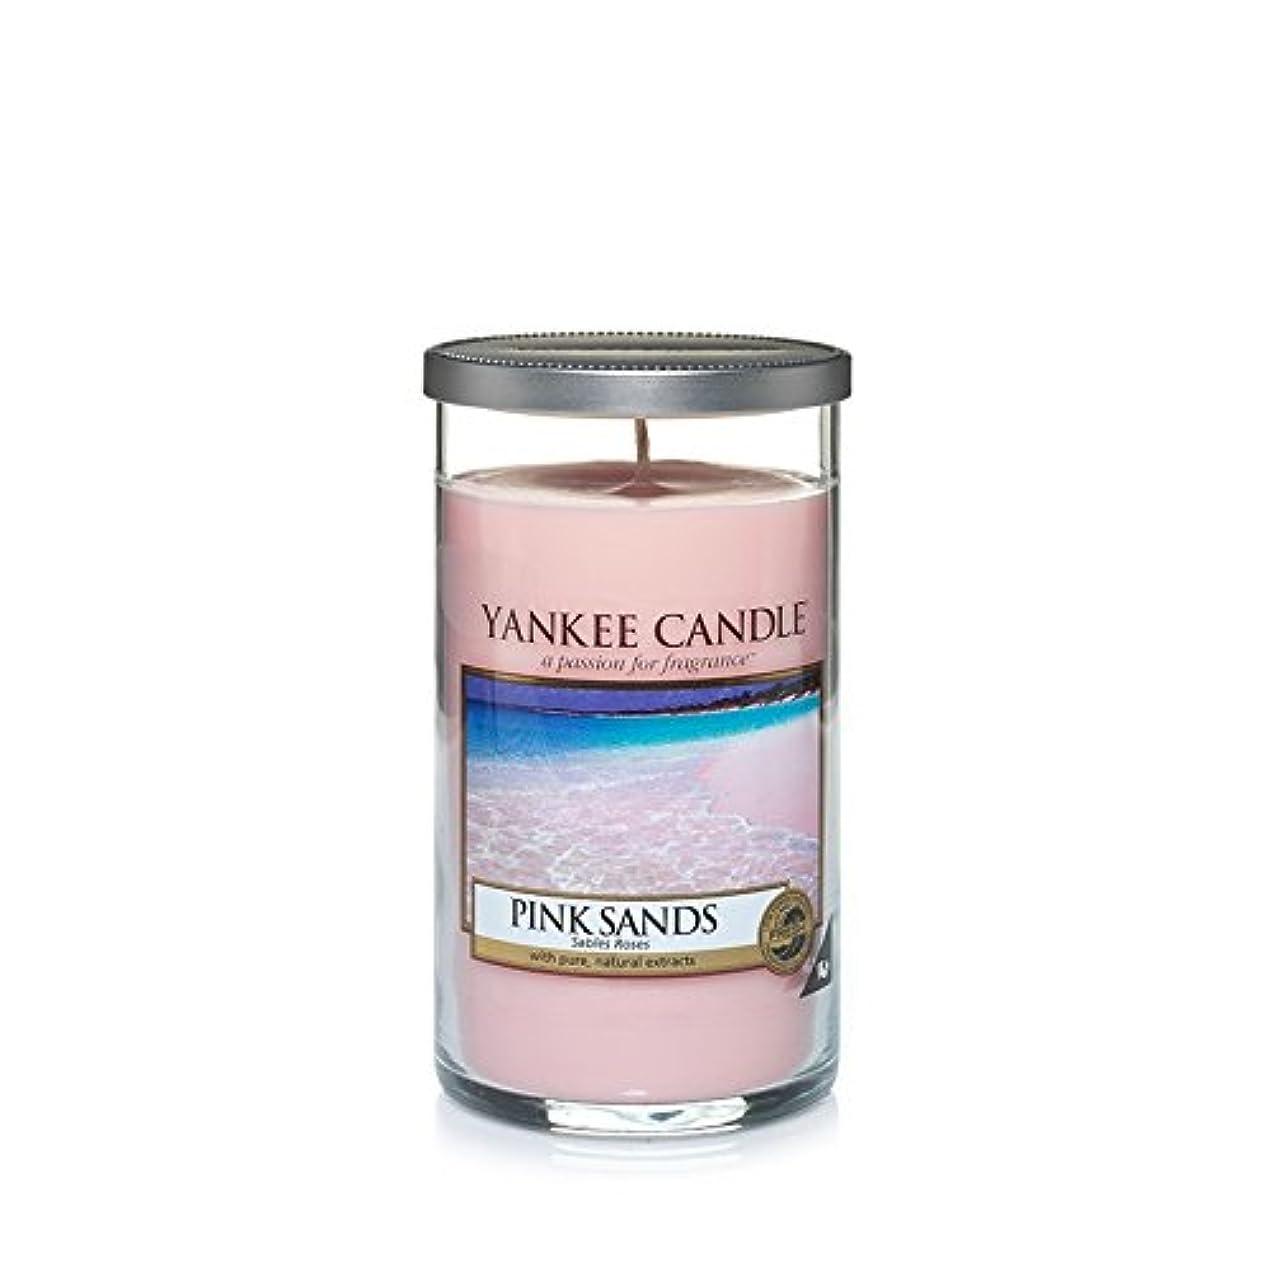 フォーマル必要重さYankee Candles Medium Pillar Candle - Pink Sands? (Pack of 2) - ヤンキーキャンドルメディアピラーキャンドル - ピンクの砂? (x2) [並行輸入品]